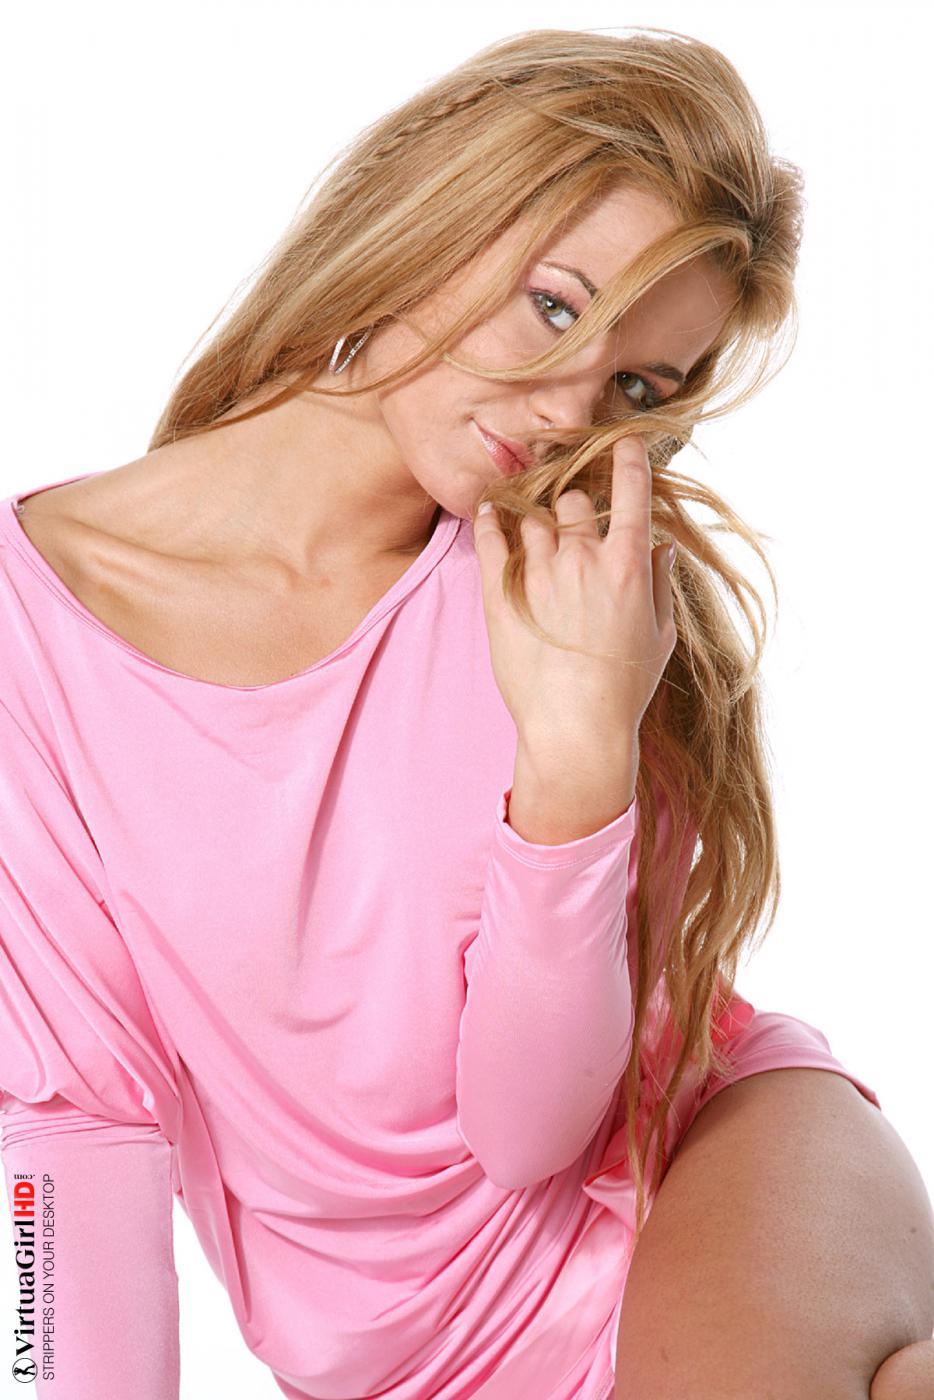 Похотливая блондинка Sandra H делает все возможное, чтобы совратить вас своим обнаженным телом